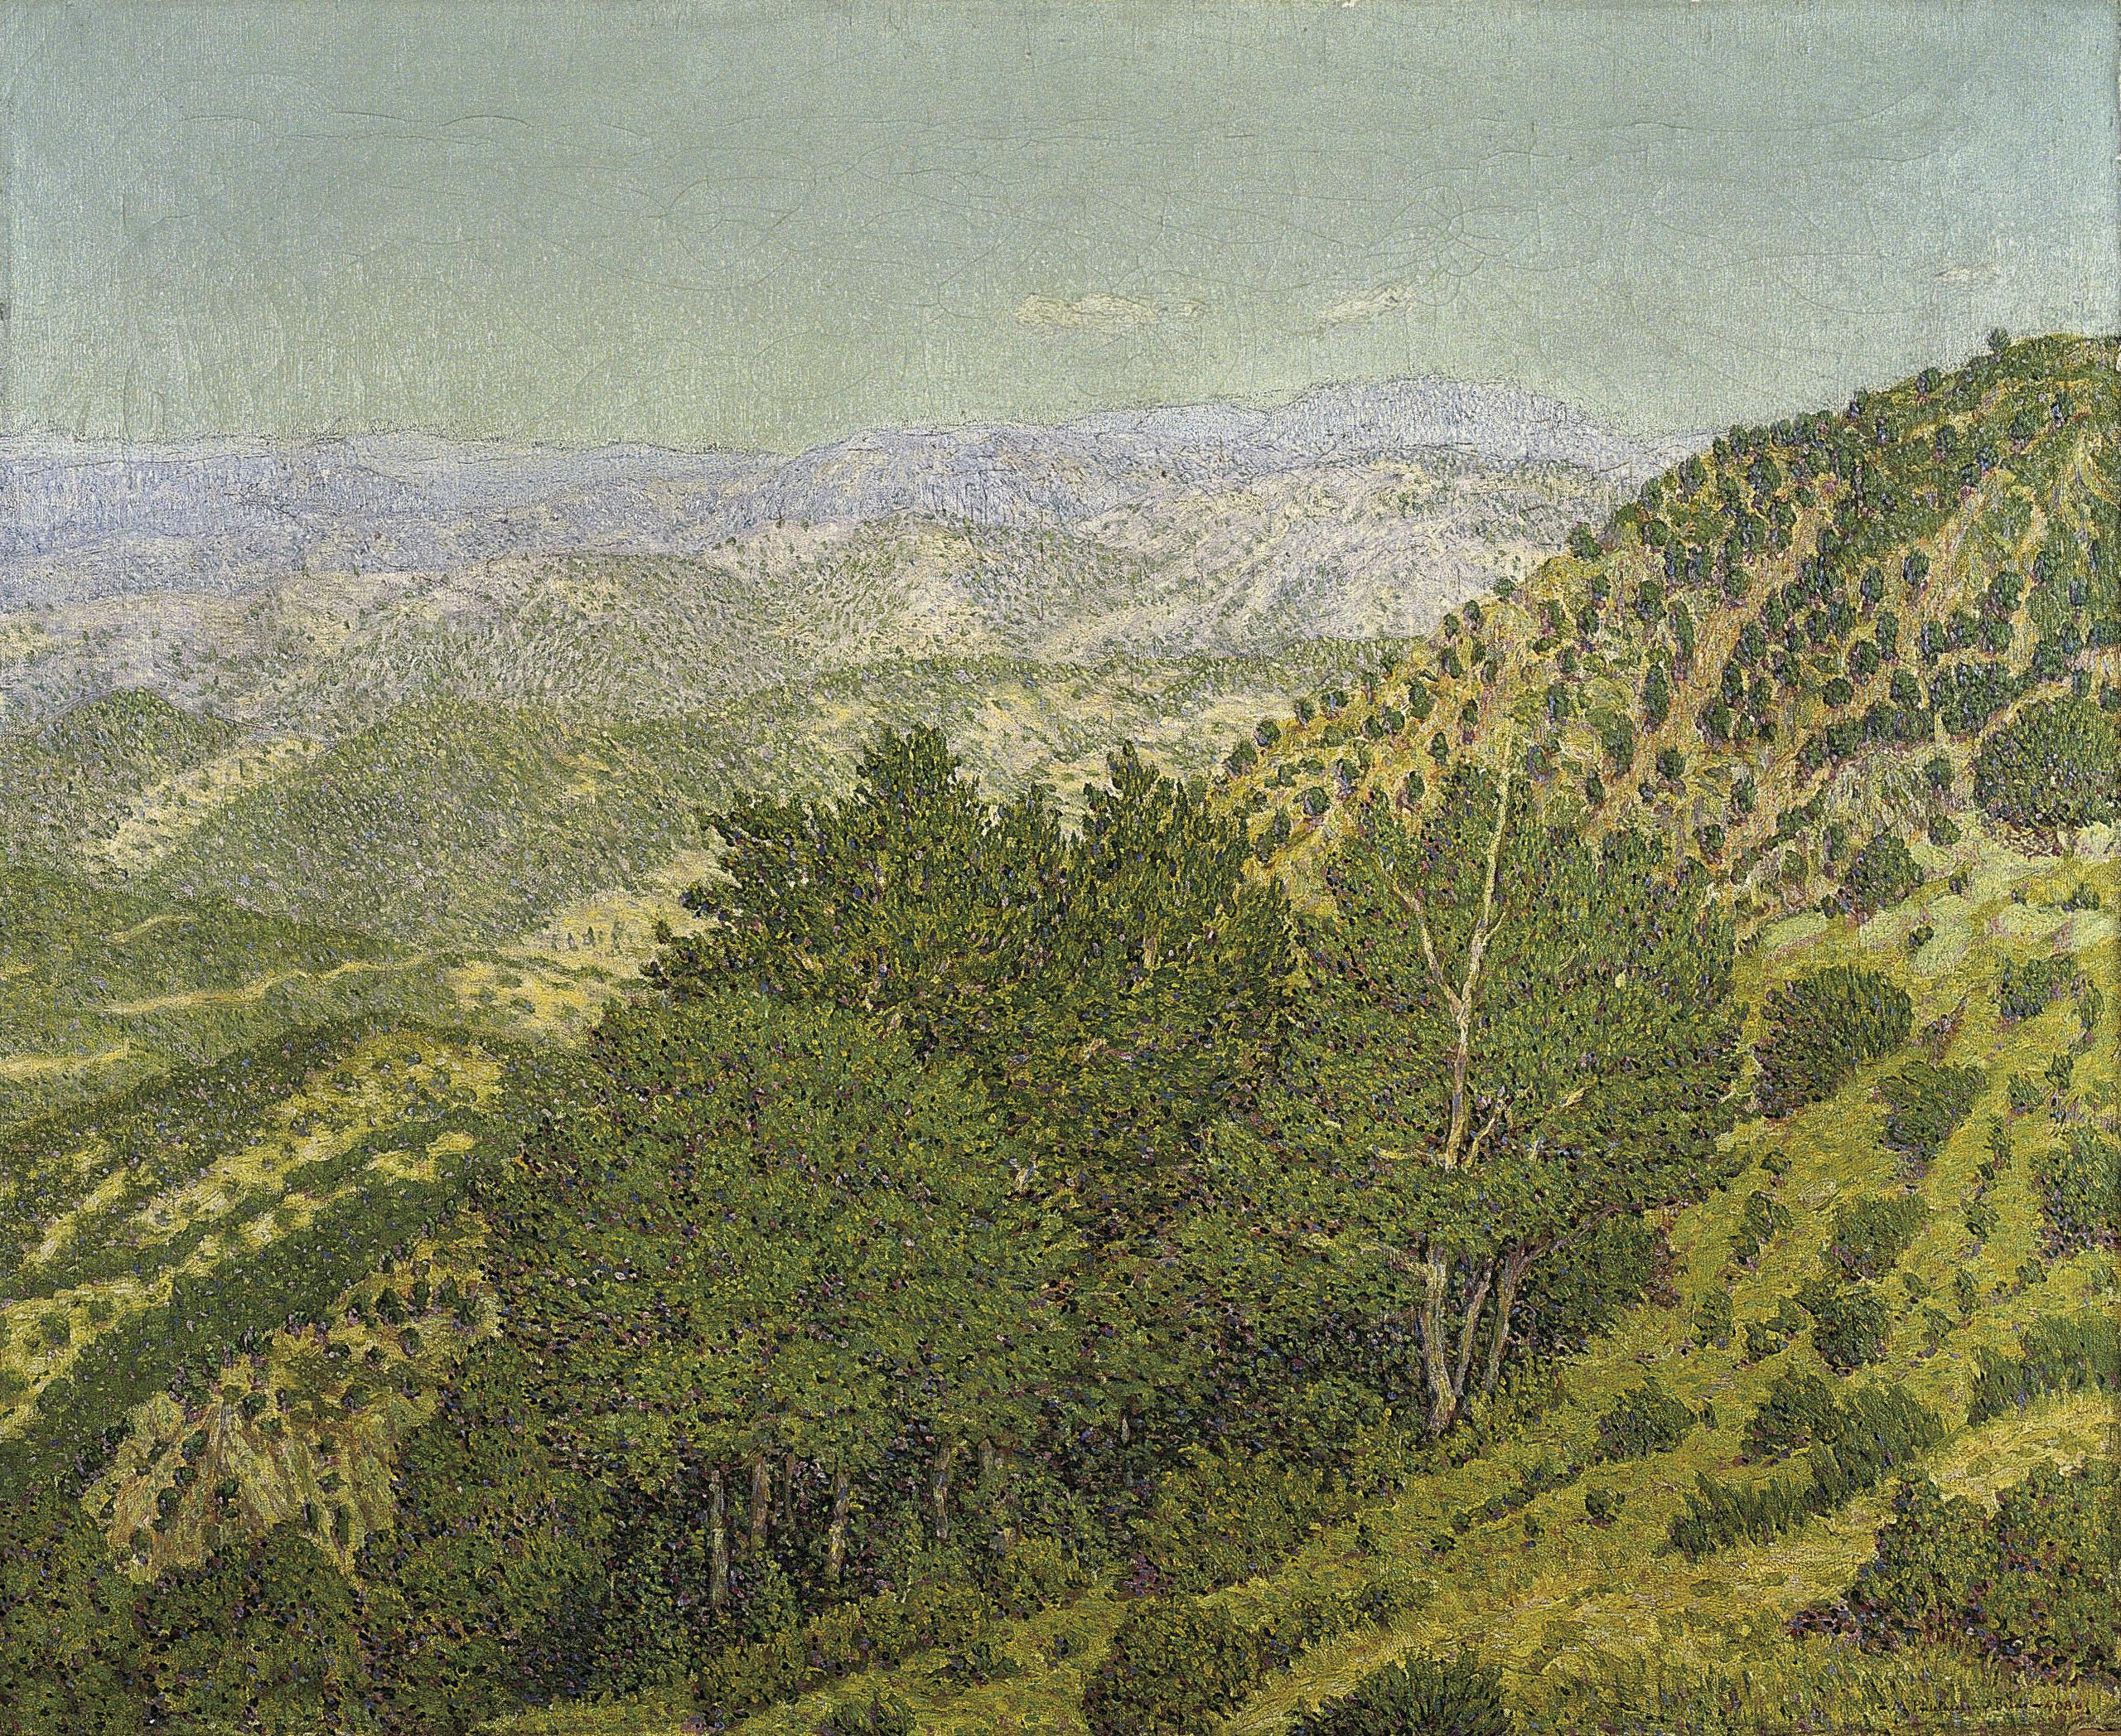 Marià Pidelaserra - Muntanyes des del Montseny. Dia serè al matí - Barcelona, 1903